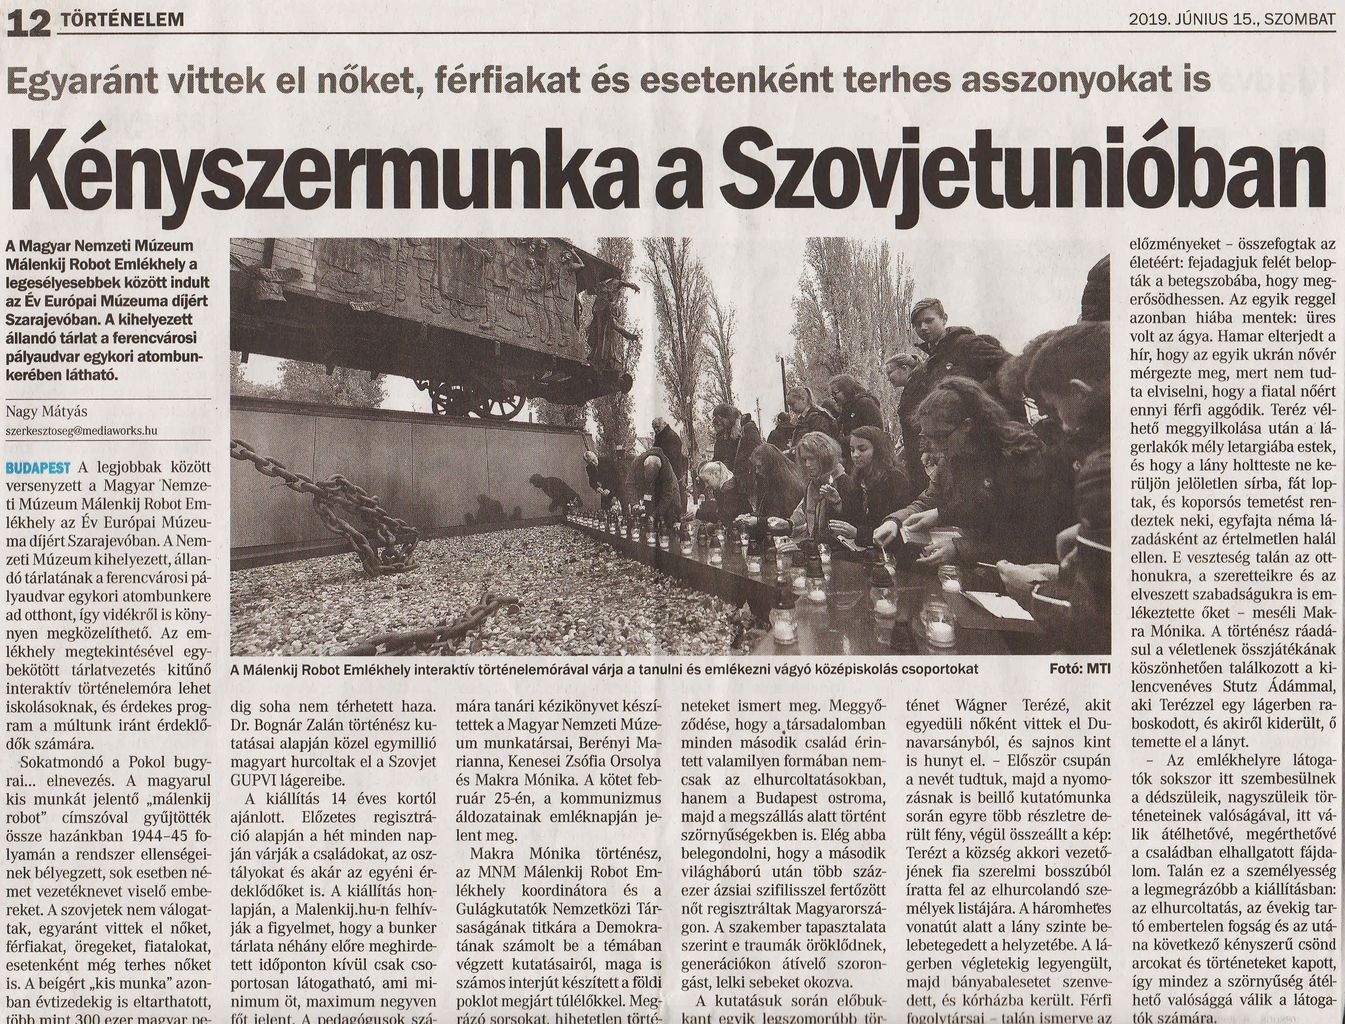 kényeszermunkaszovjetunióban